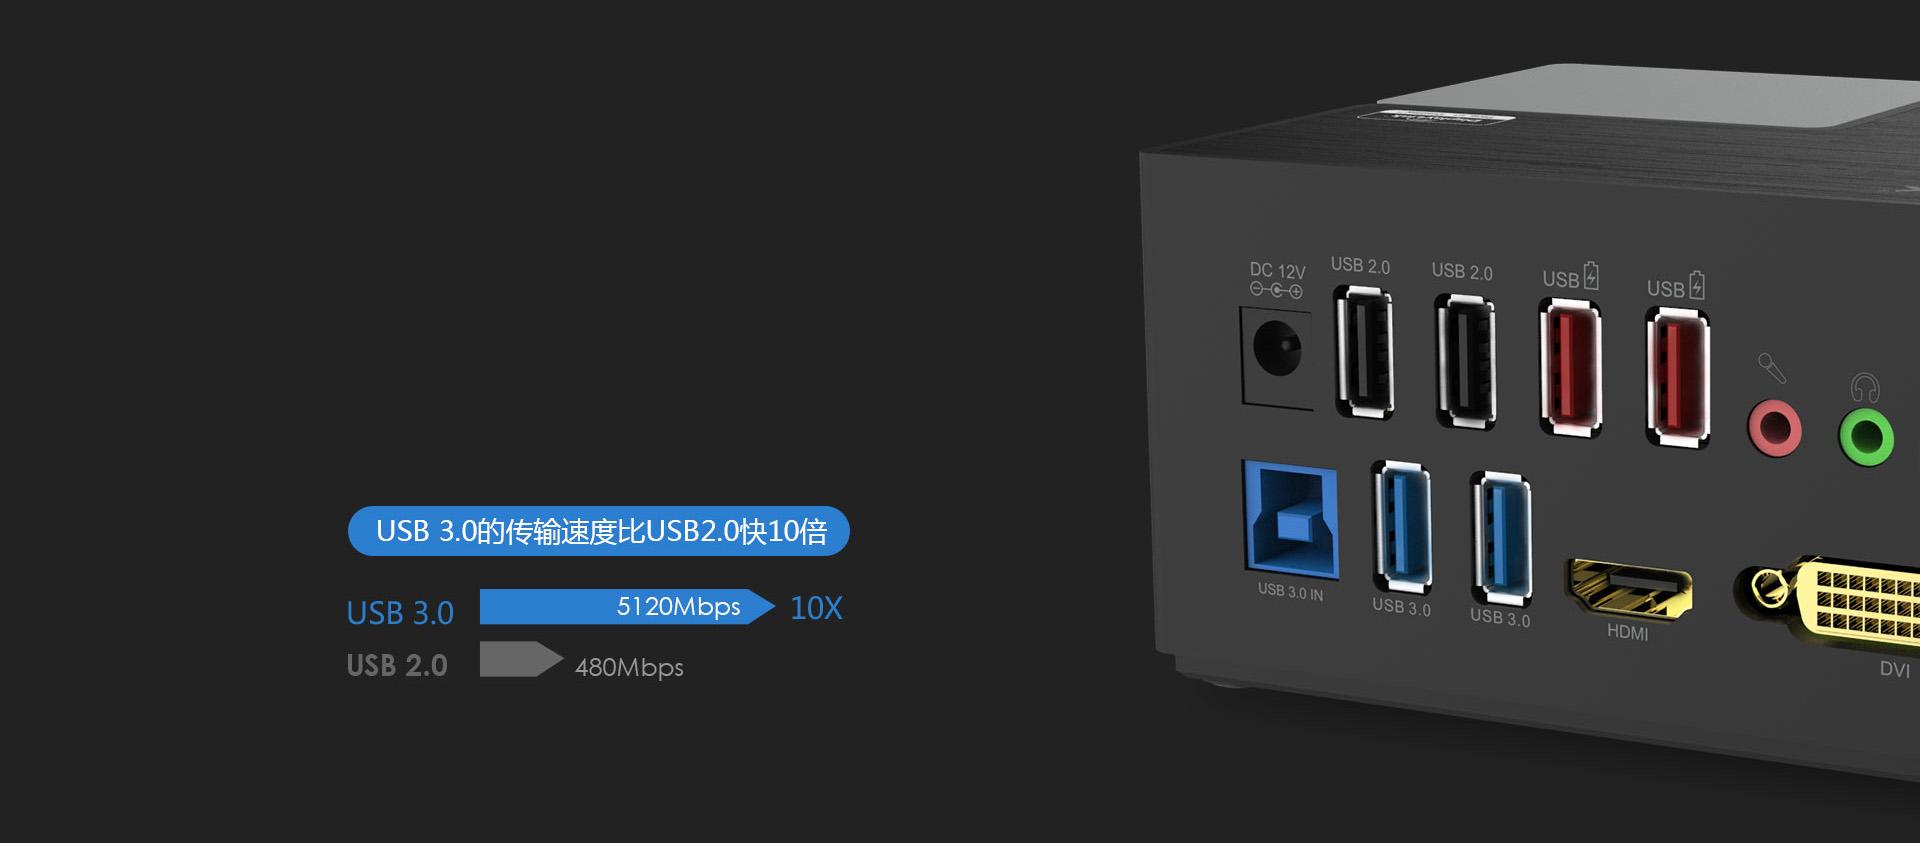 六个USB接口,轻松实现多任务需求